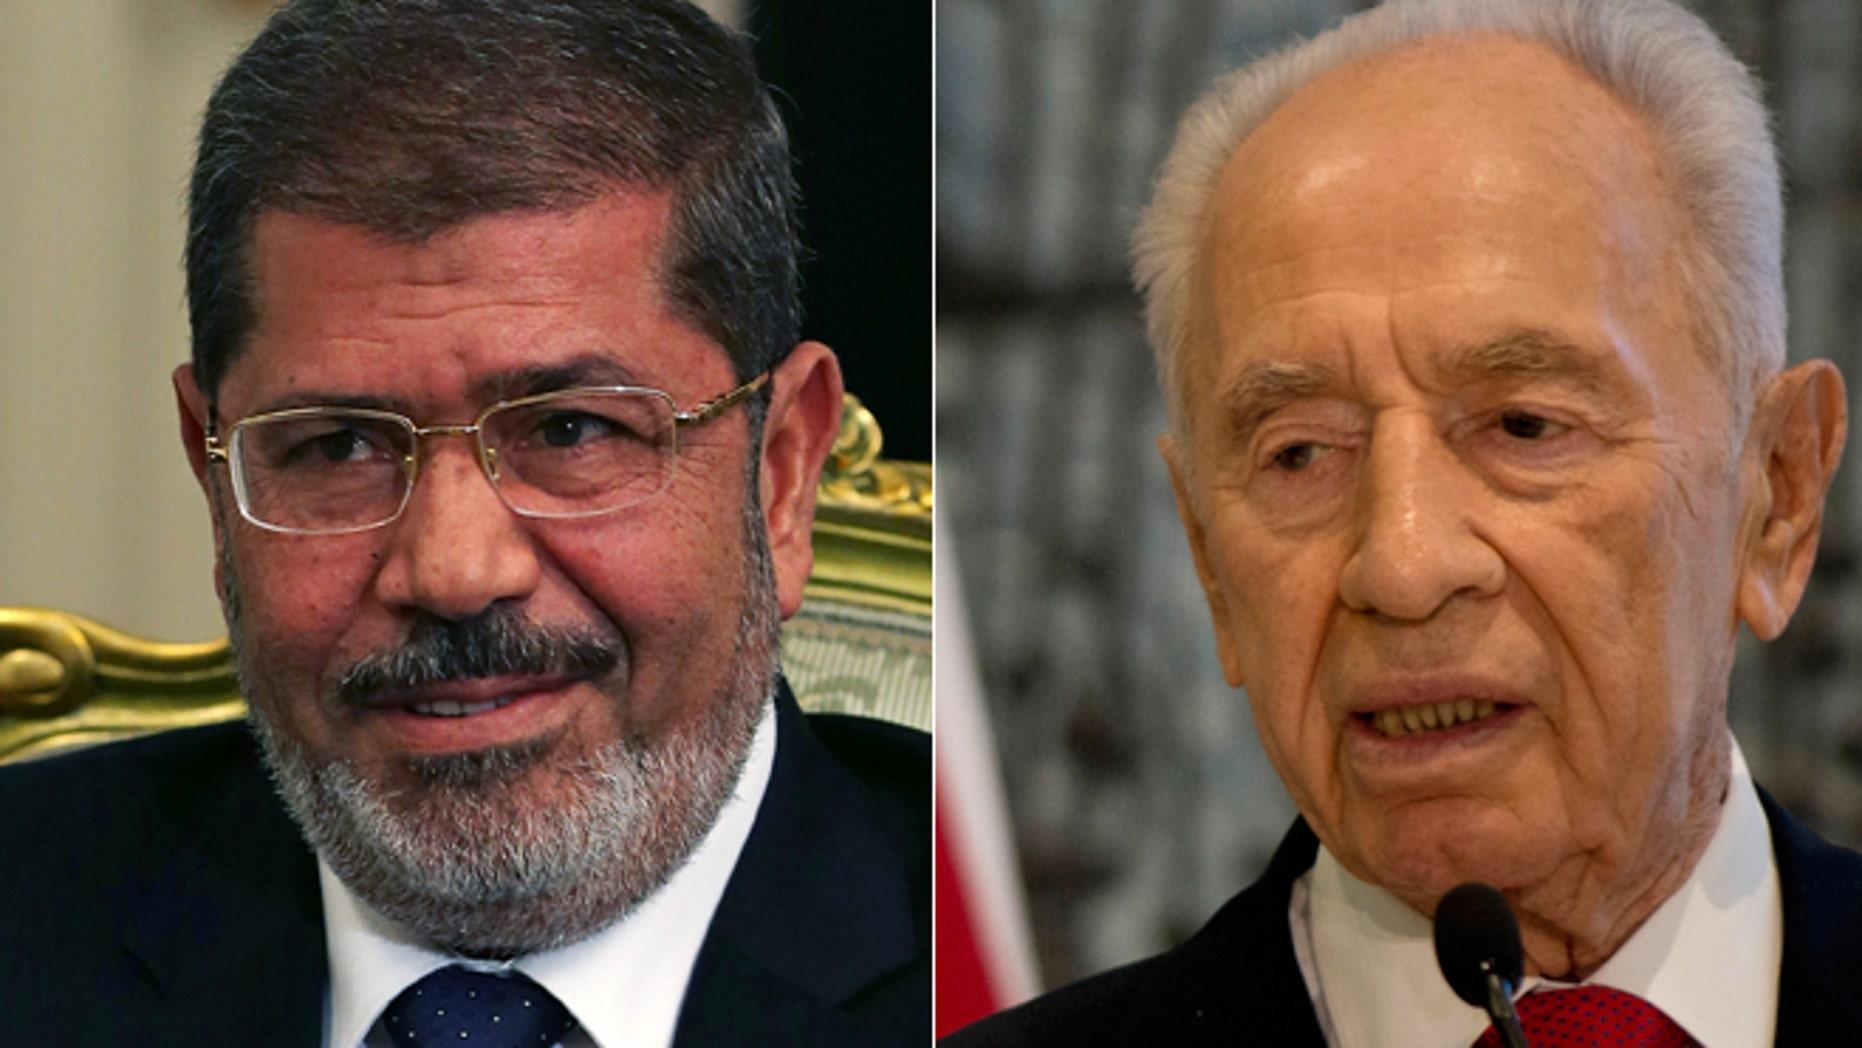 A spokesman for Egyptian President Mohamed Morsi, left, denies sending a letter hoping for peace in the region to Israel's President Shimon Peres, right.